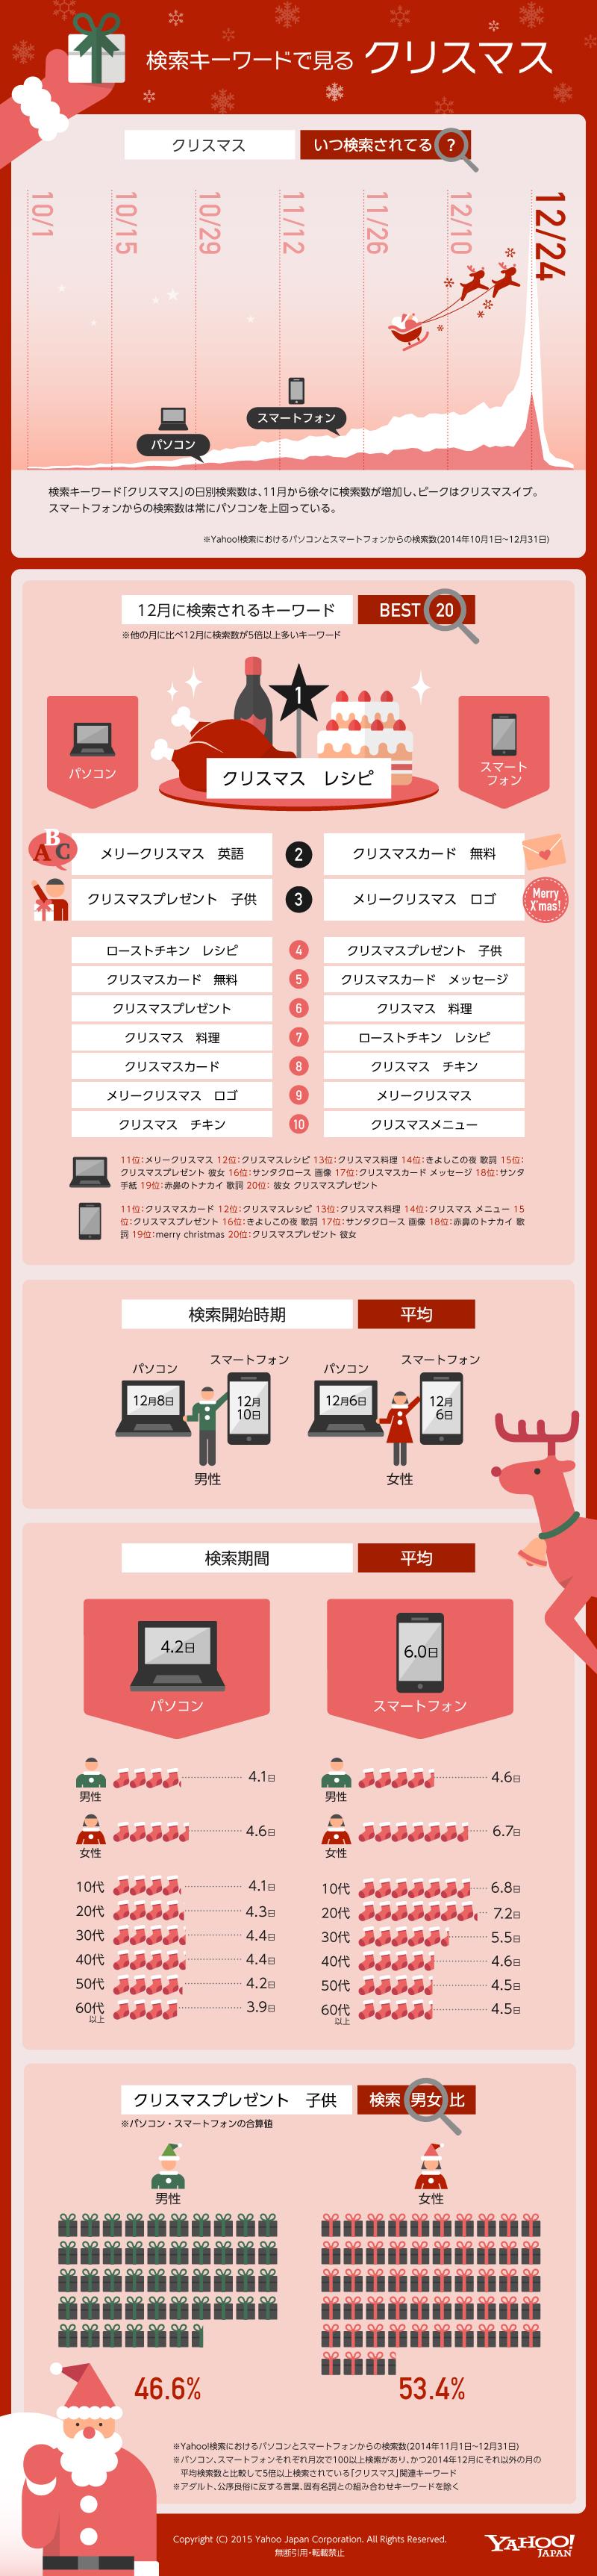 インフォグラフィック:公認サンタクロースになる4つの条件。ネット検索でわかるXmasの悩み